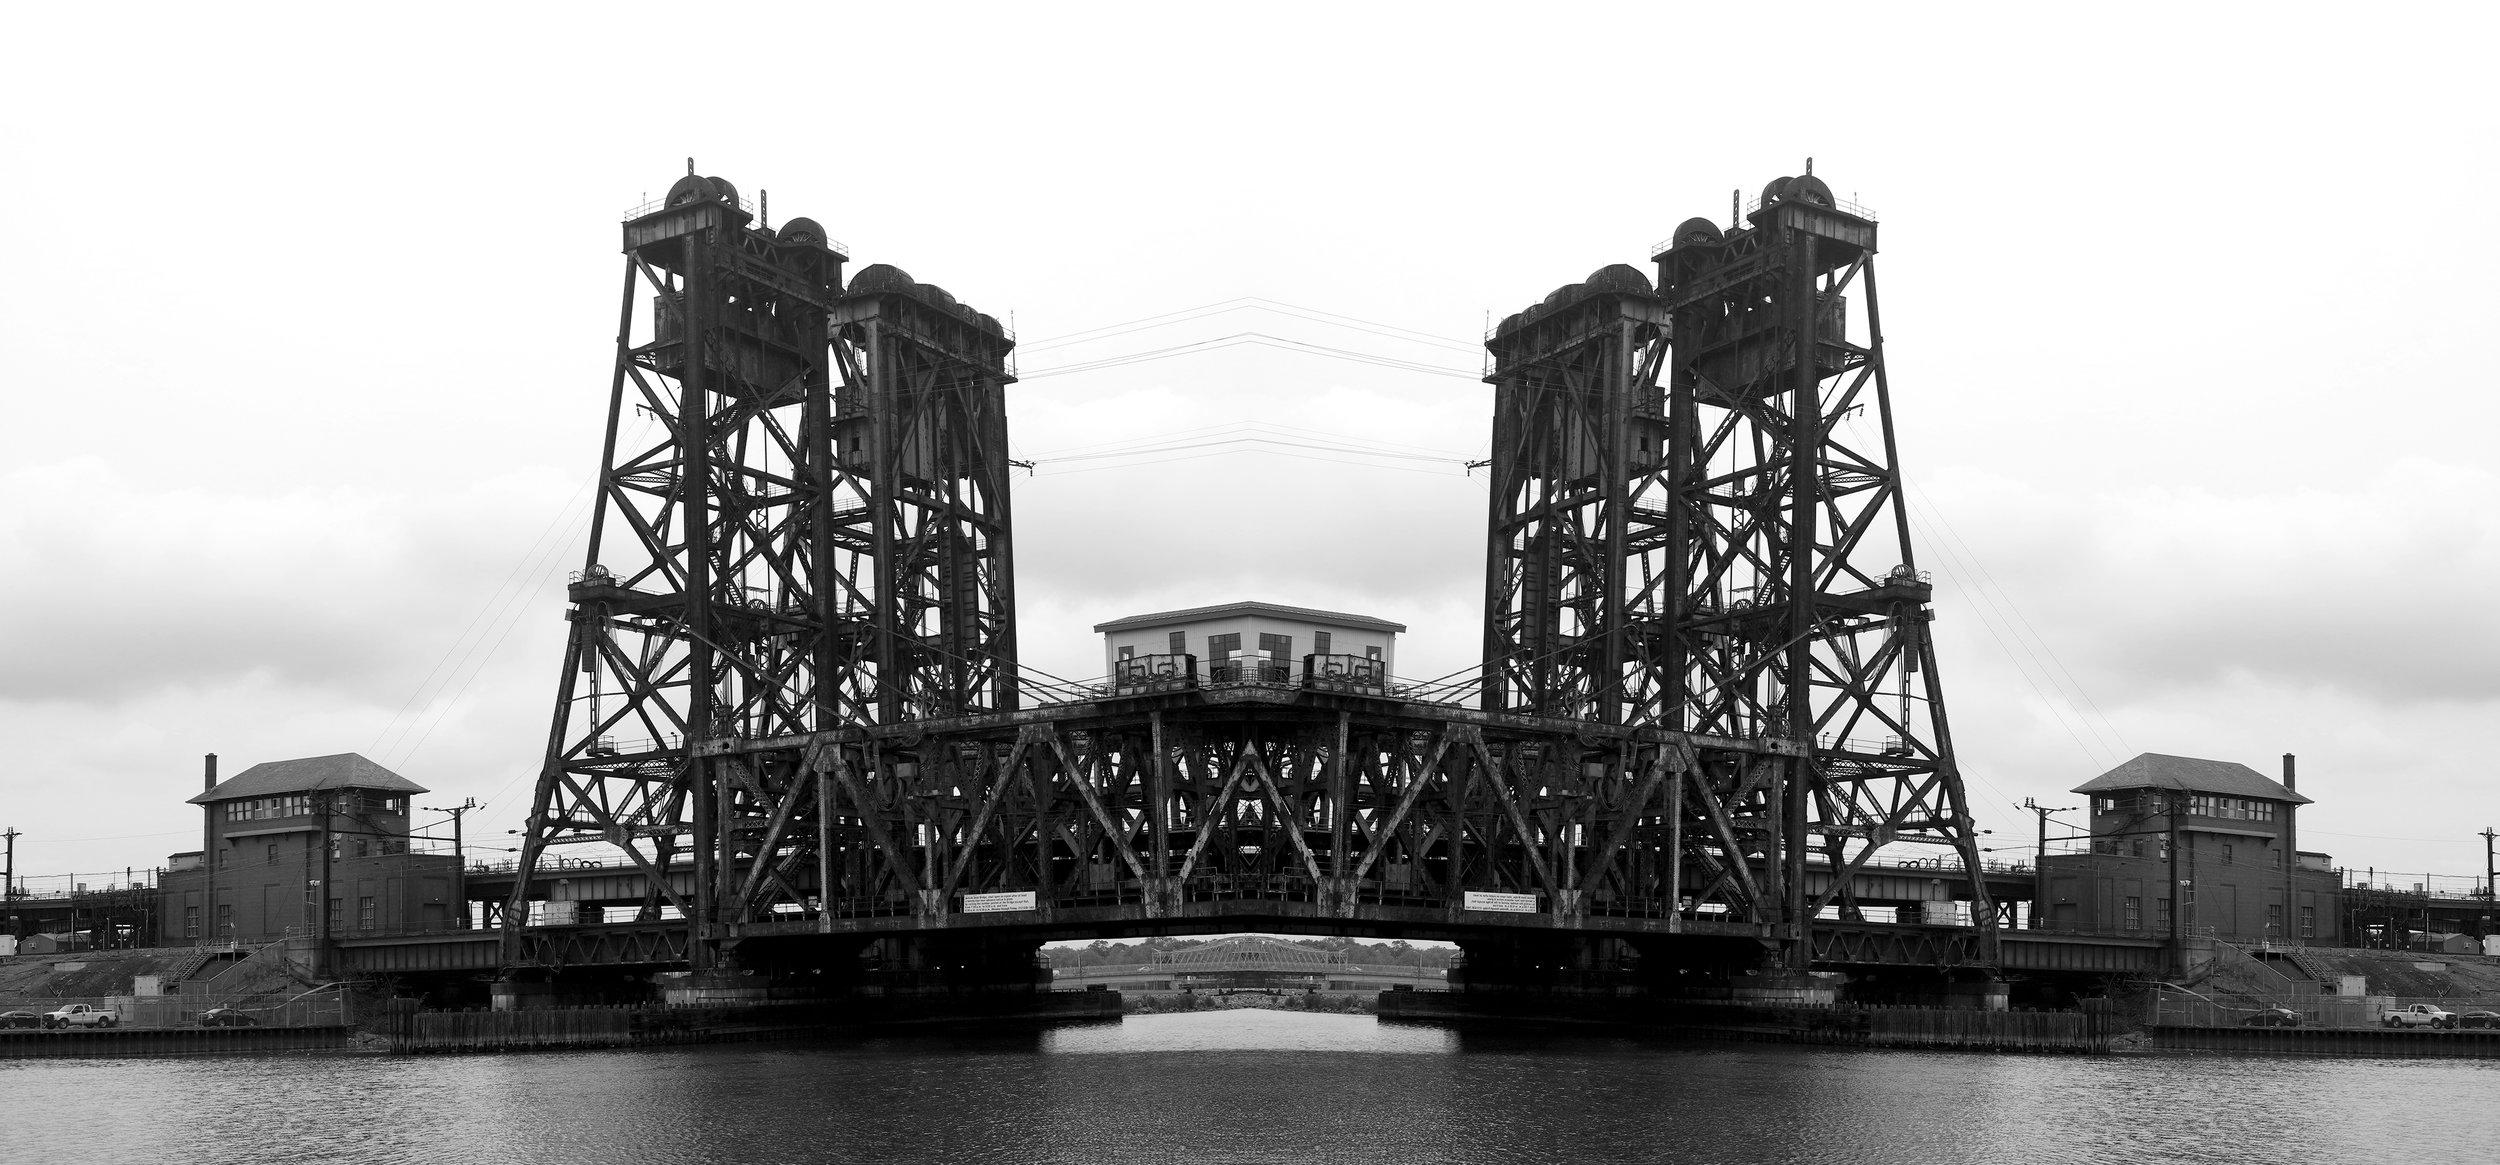 Bridge_transformer_5.jpg